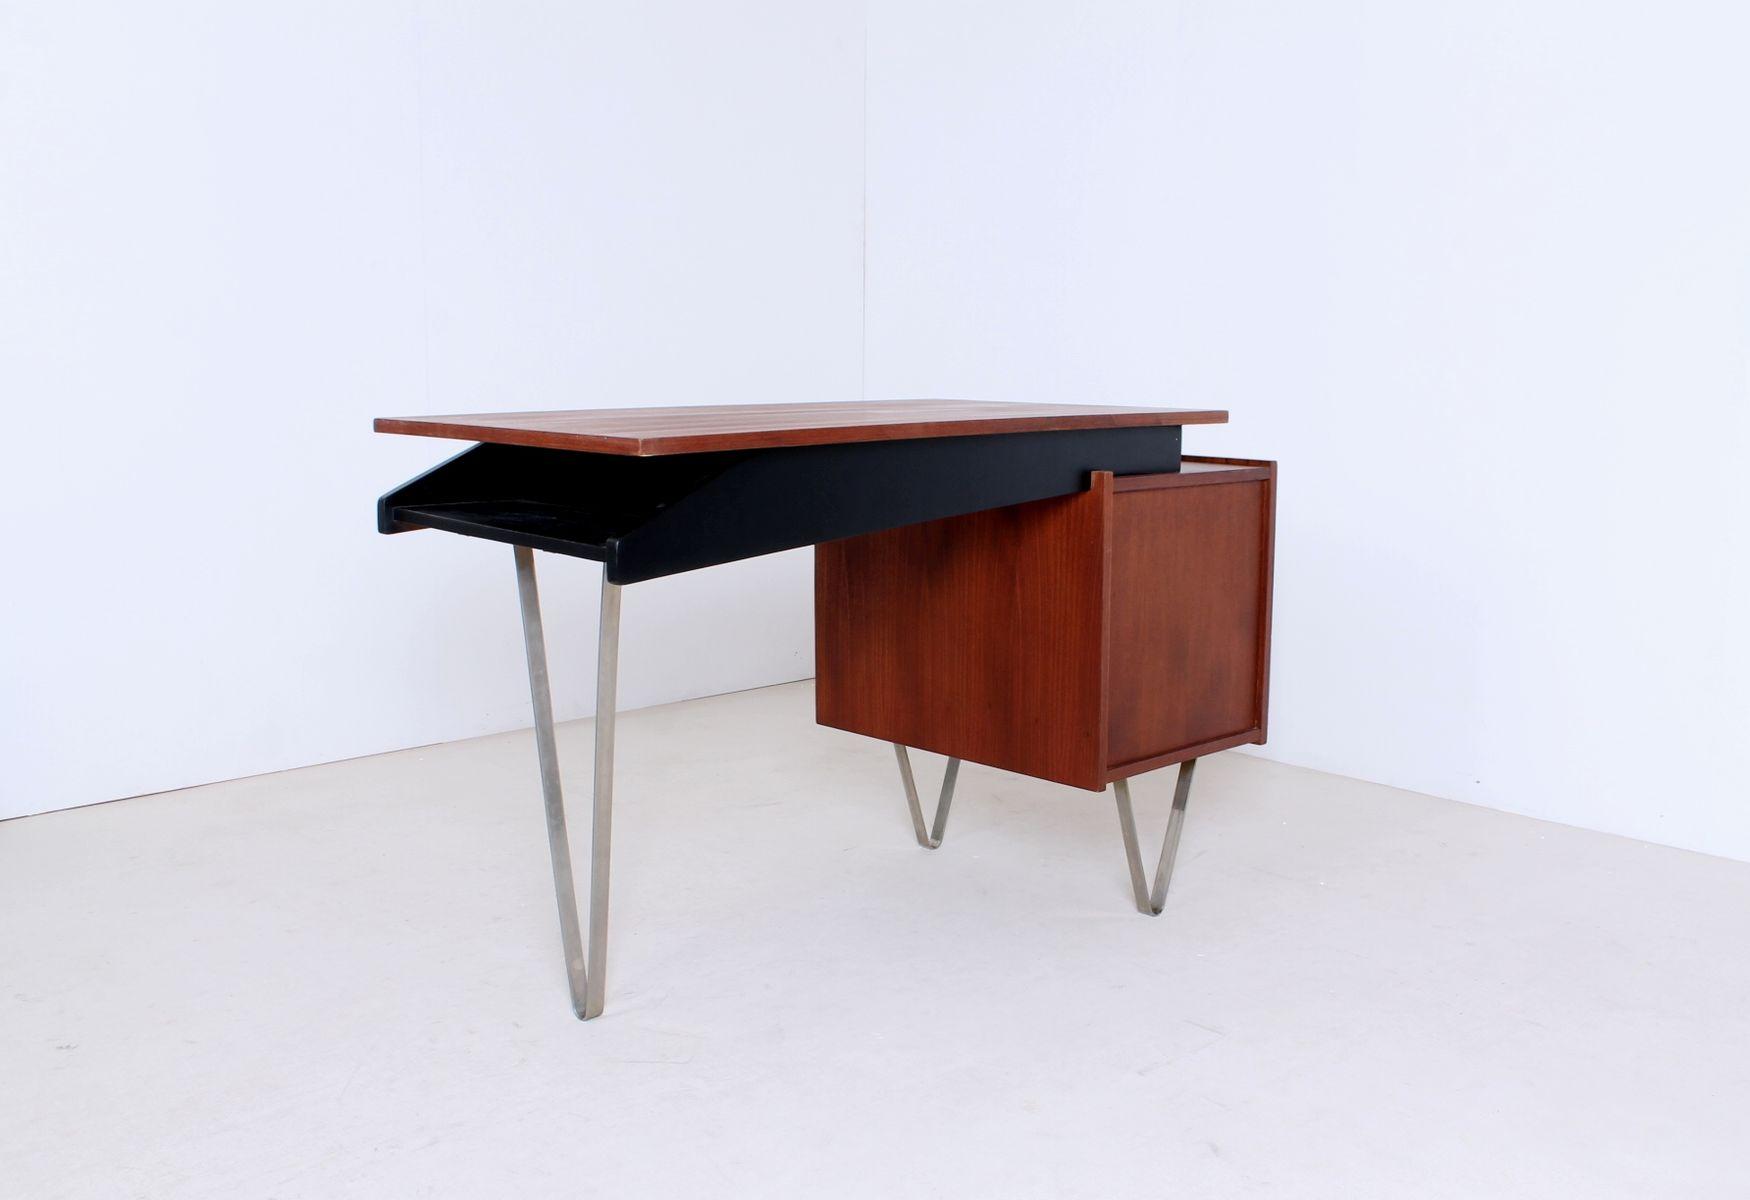 teak schreibtisch mit gebogenen beinen von cees braakman. Black Bedroom Furniture Sets. Home Design Ideas